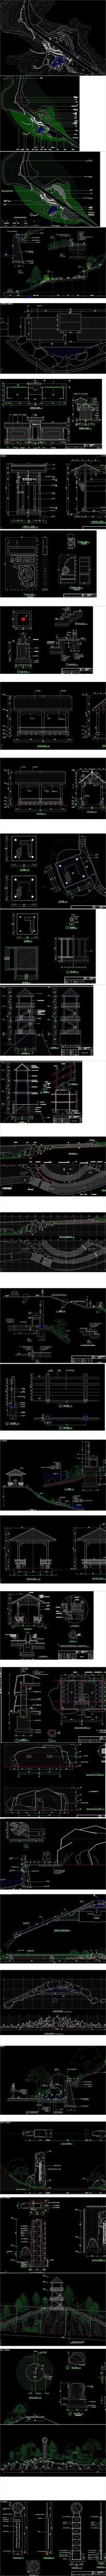 森林公园主入口景观设计CAD施工图